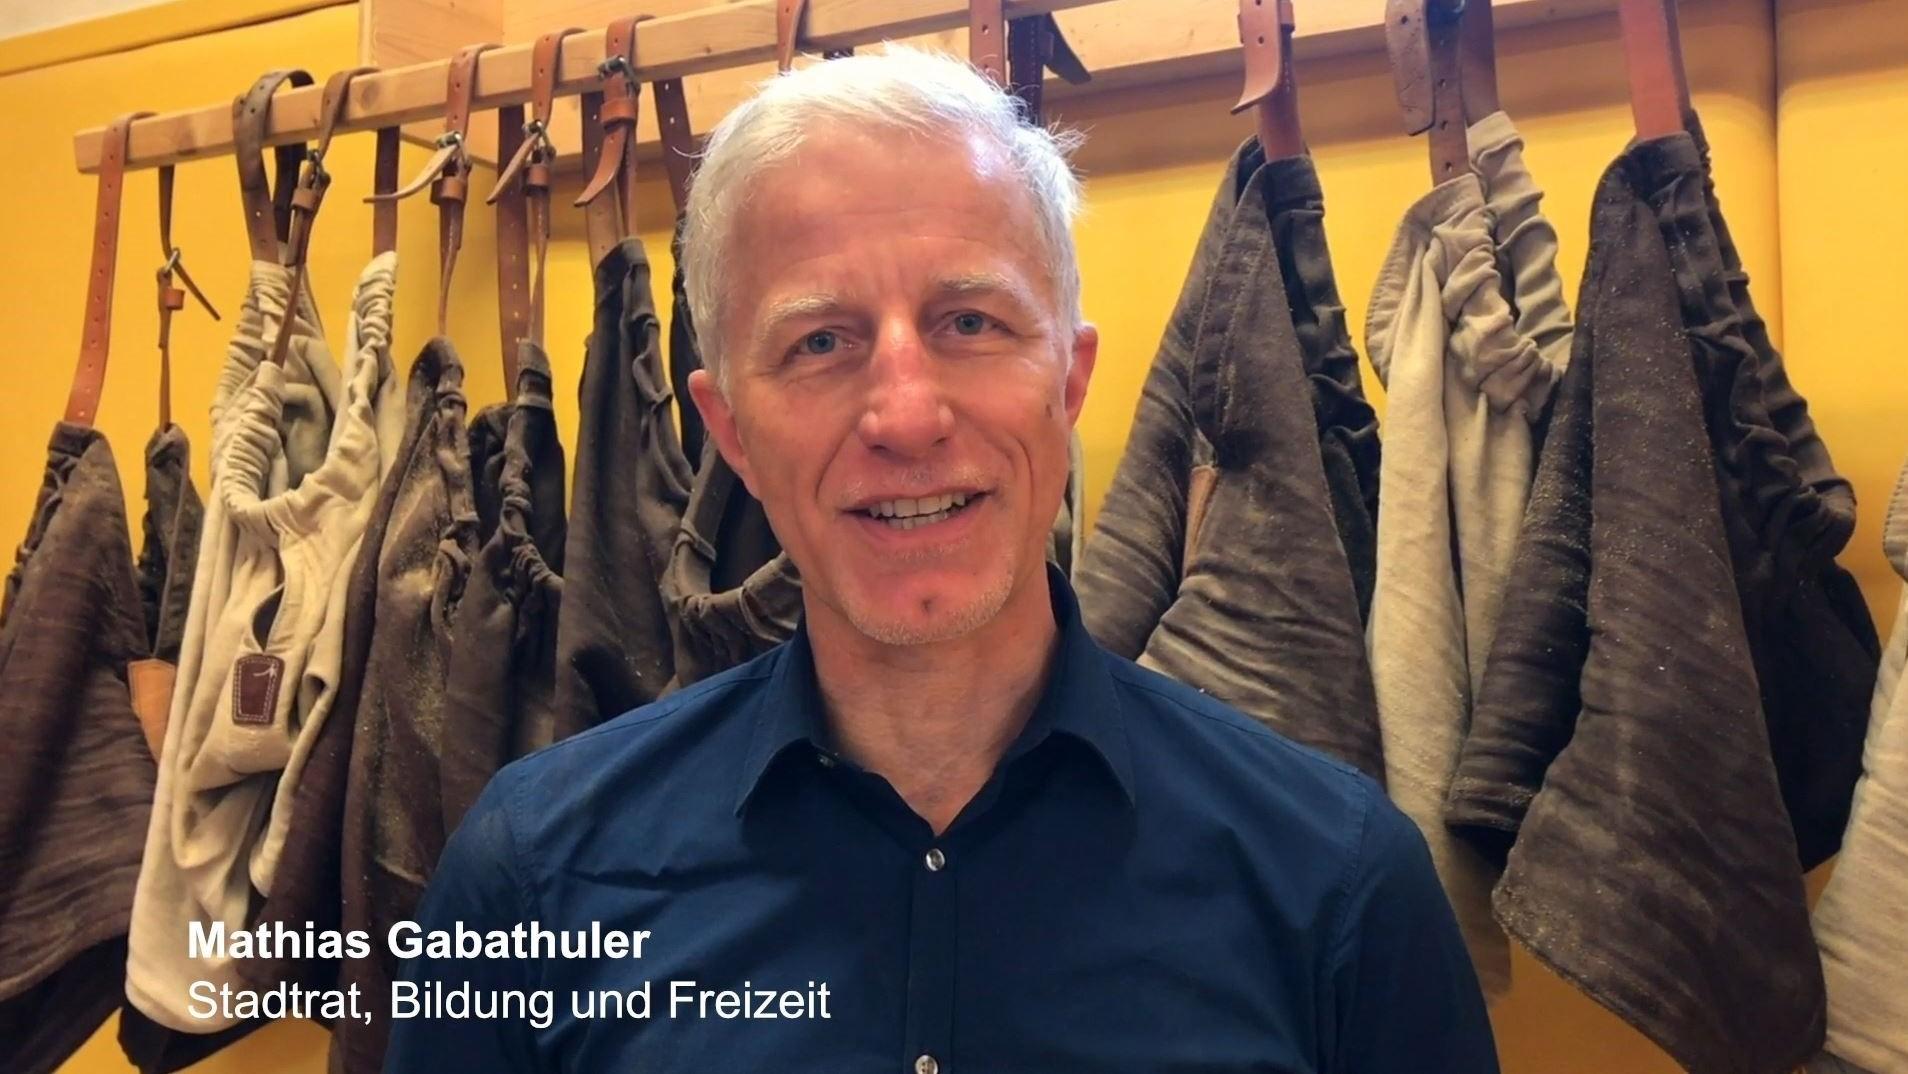 """""""St.Gallen schwingt mit!"""" - Mathias Gabathuler im Schwingkeller"""